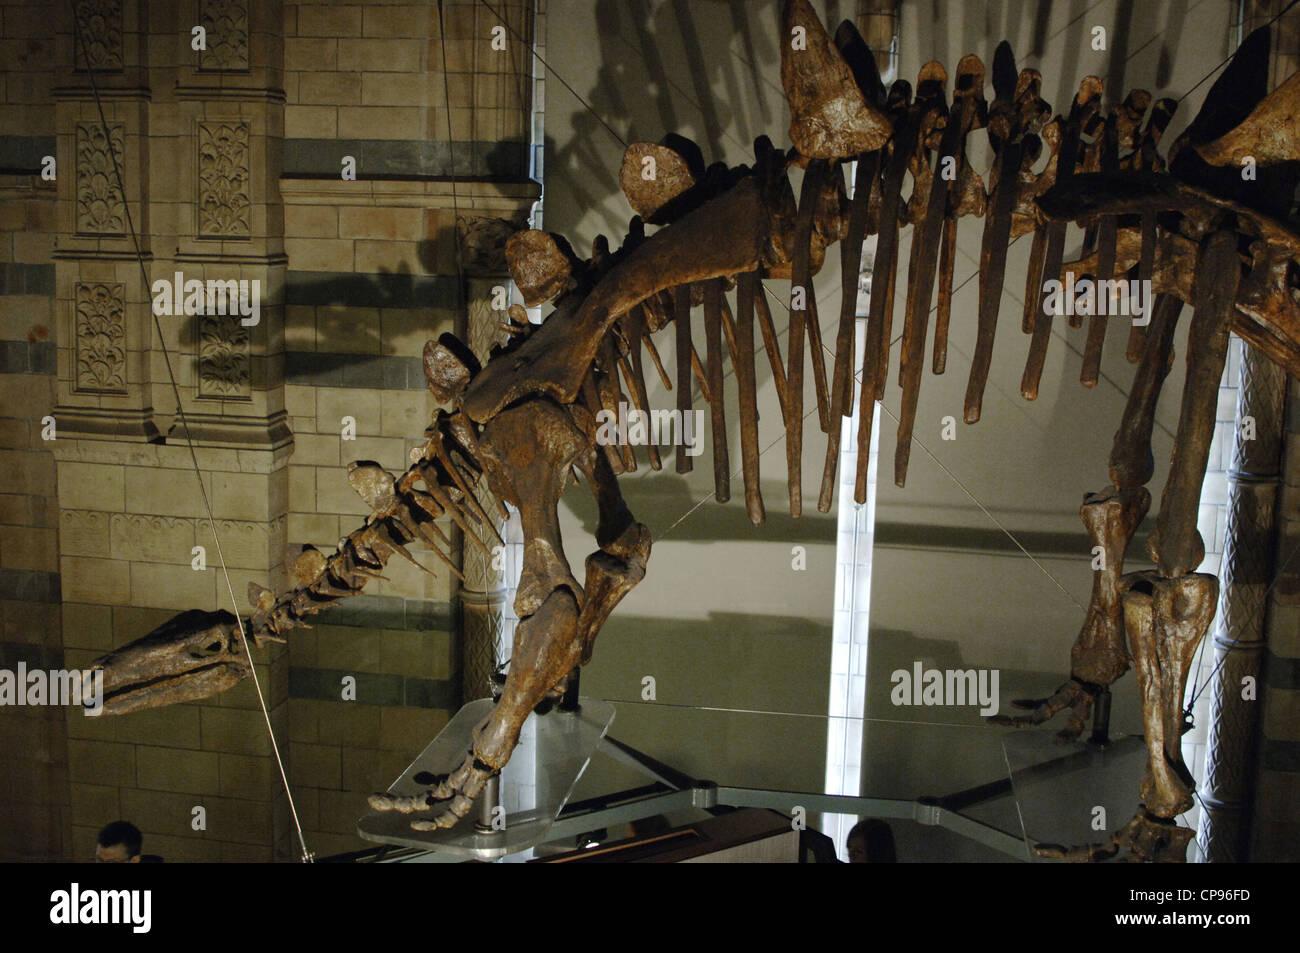 Tuojiangosaurus multispinus esqueleto. Jurásico. Oxfordiano Kimeridgiano escenario. Imagen De Stock